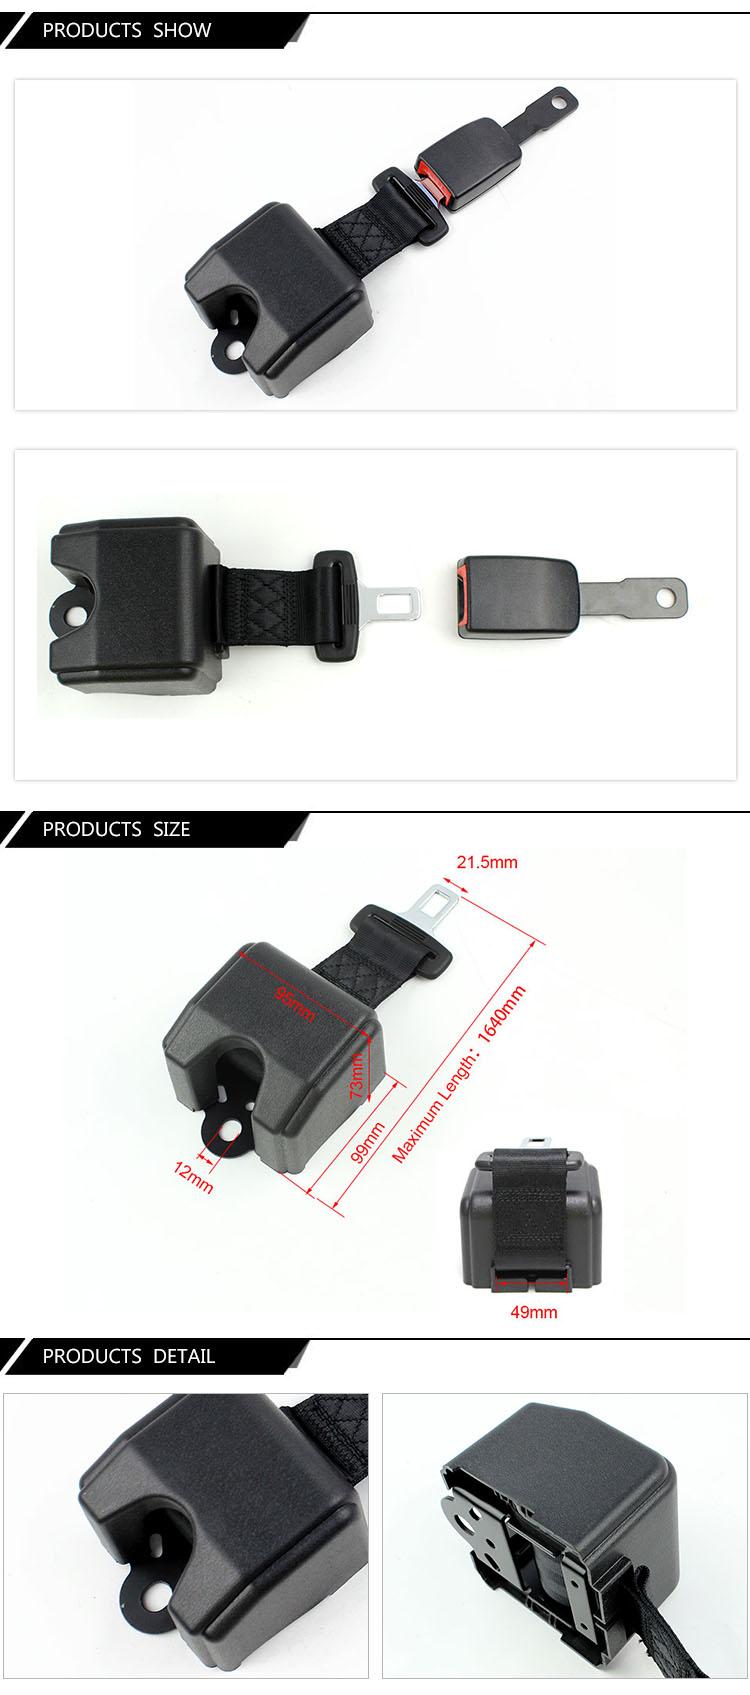 FEC043 ELR Safety Belt